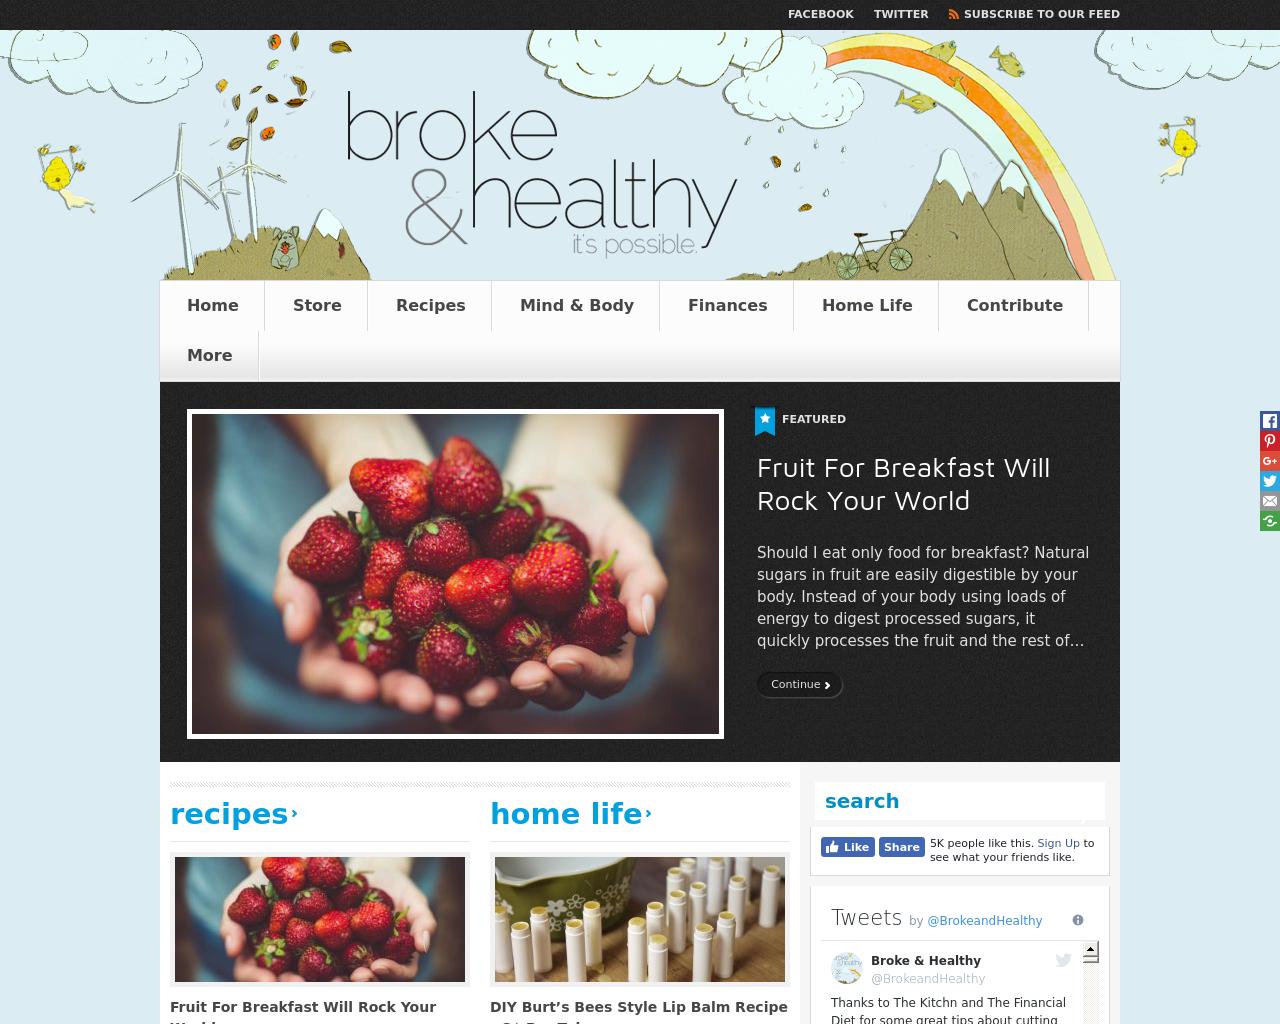 Broke-&-Healthy-Advertising-Reviews-Pricing